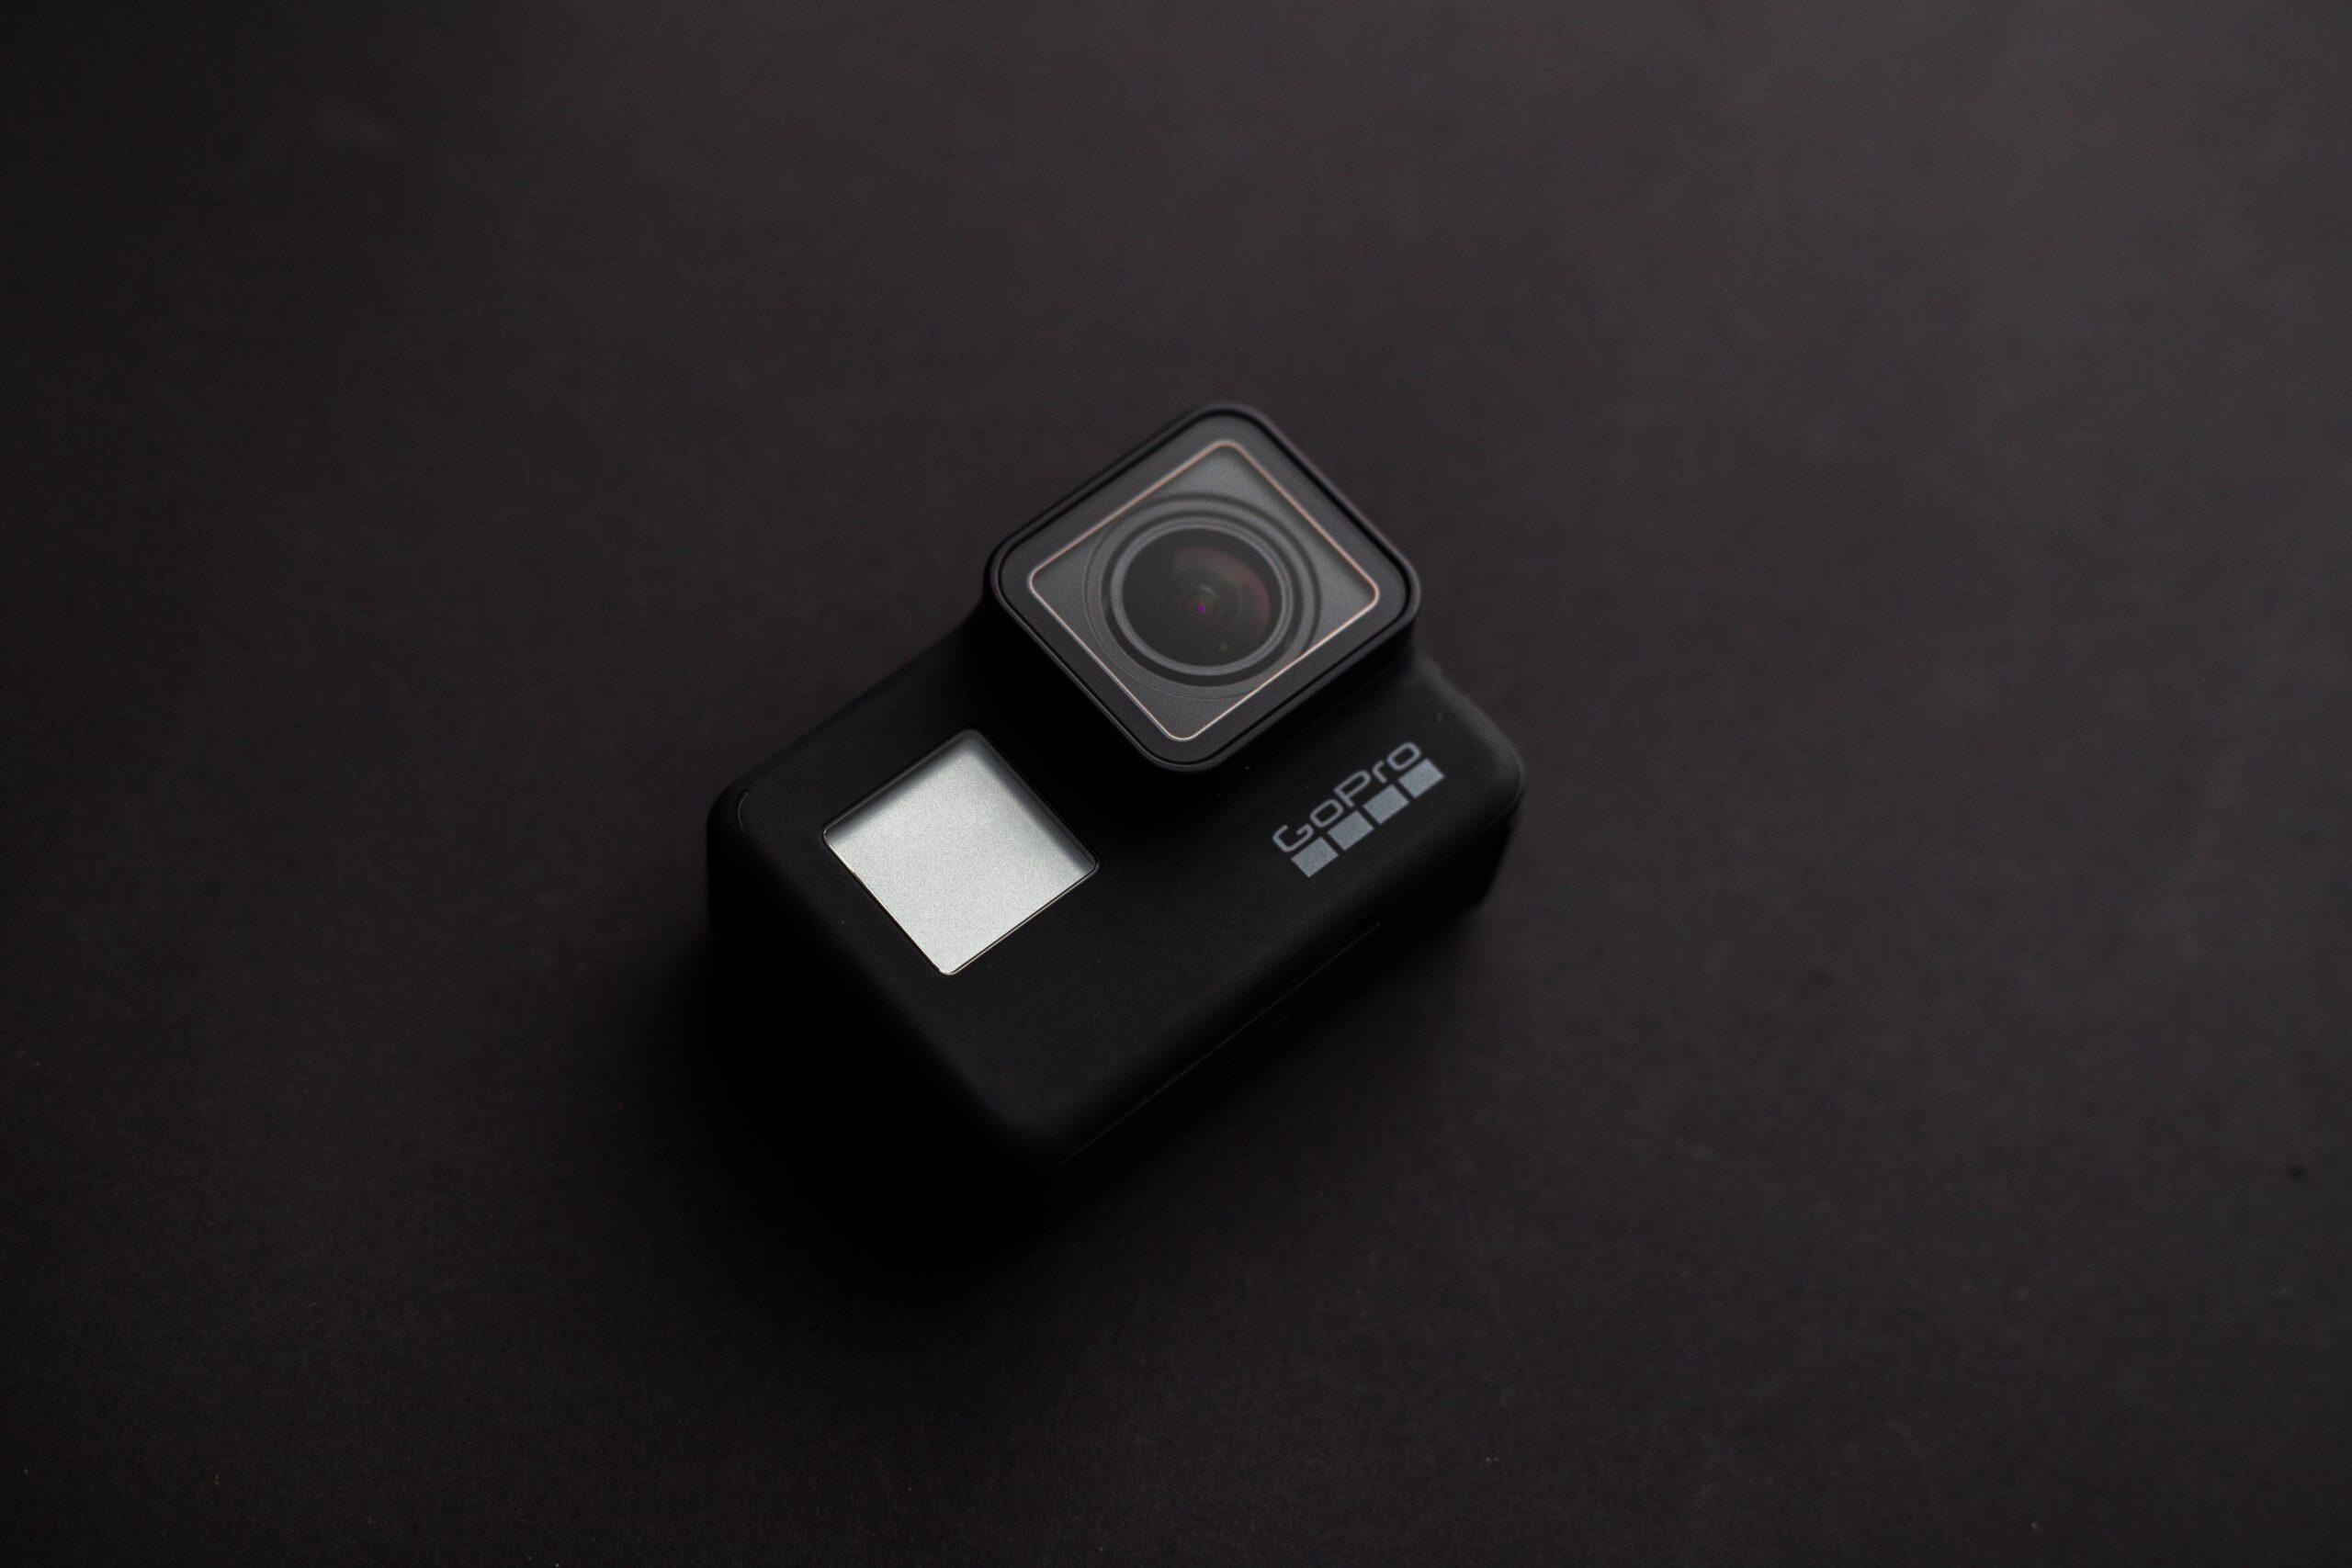 アクションカメラのおすすめモデル